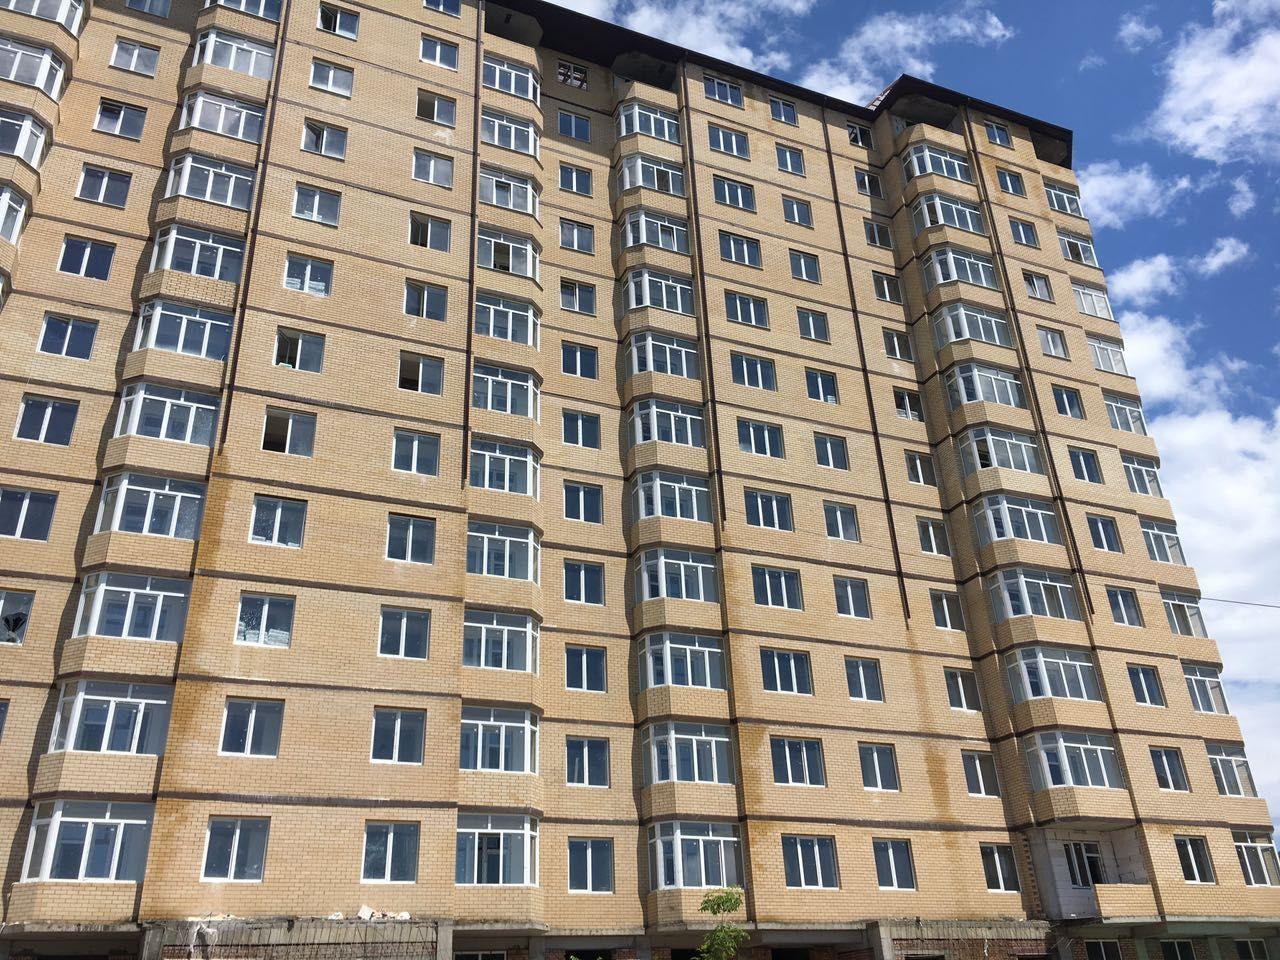 купить квартиру в ЖК ул. Кавказская, 56